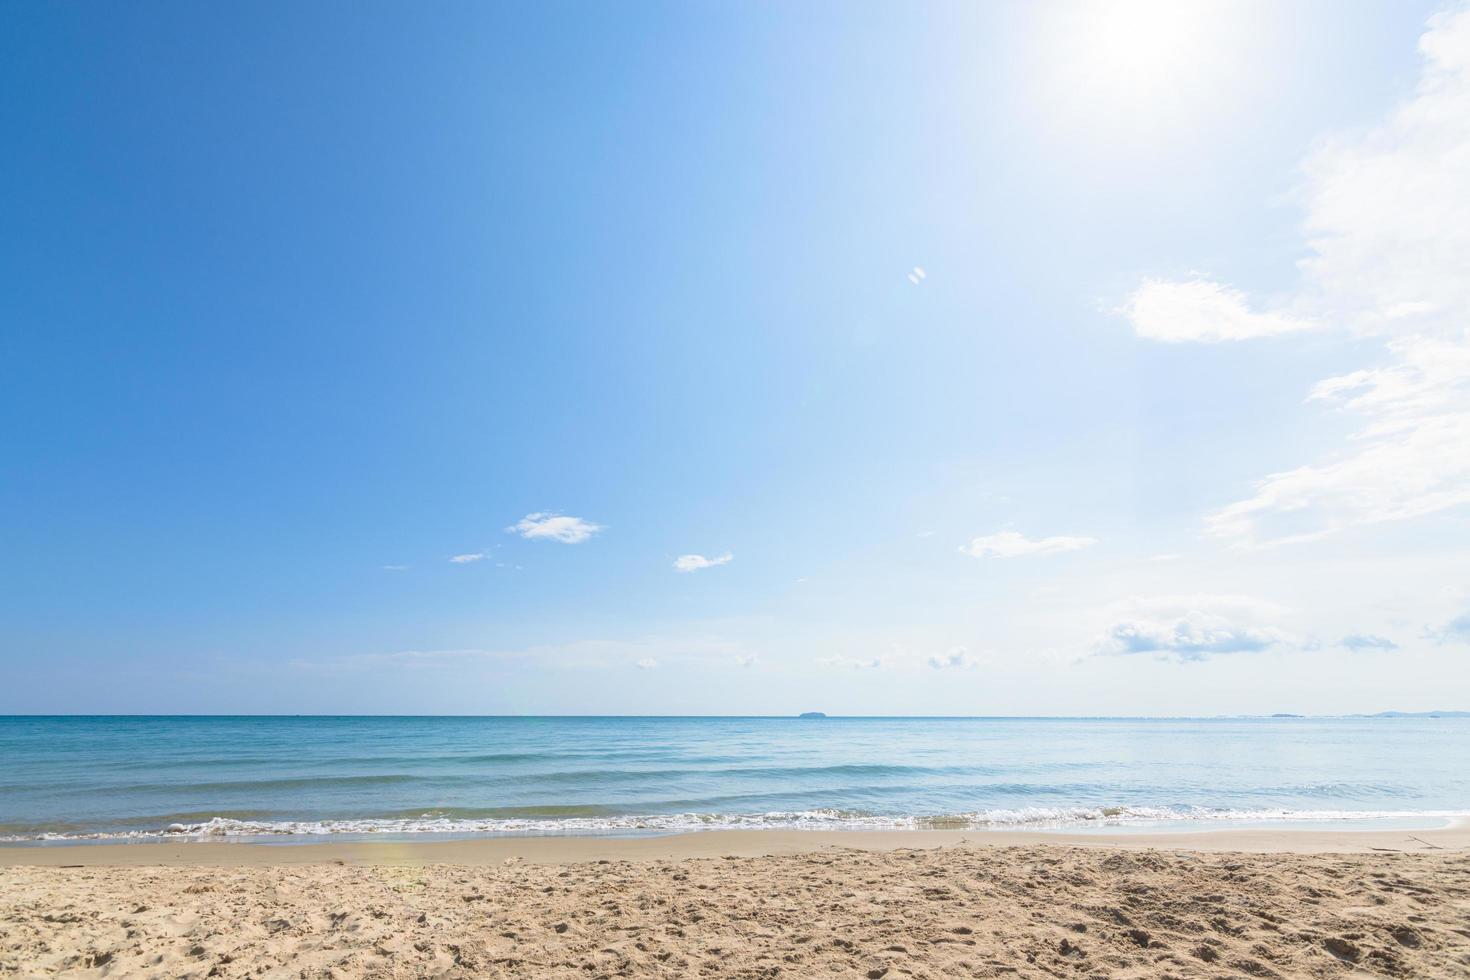 vista de la playa y el cielo despejado foto